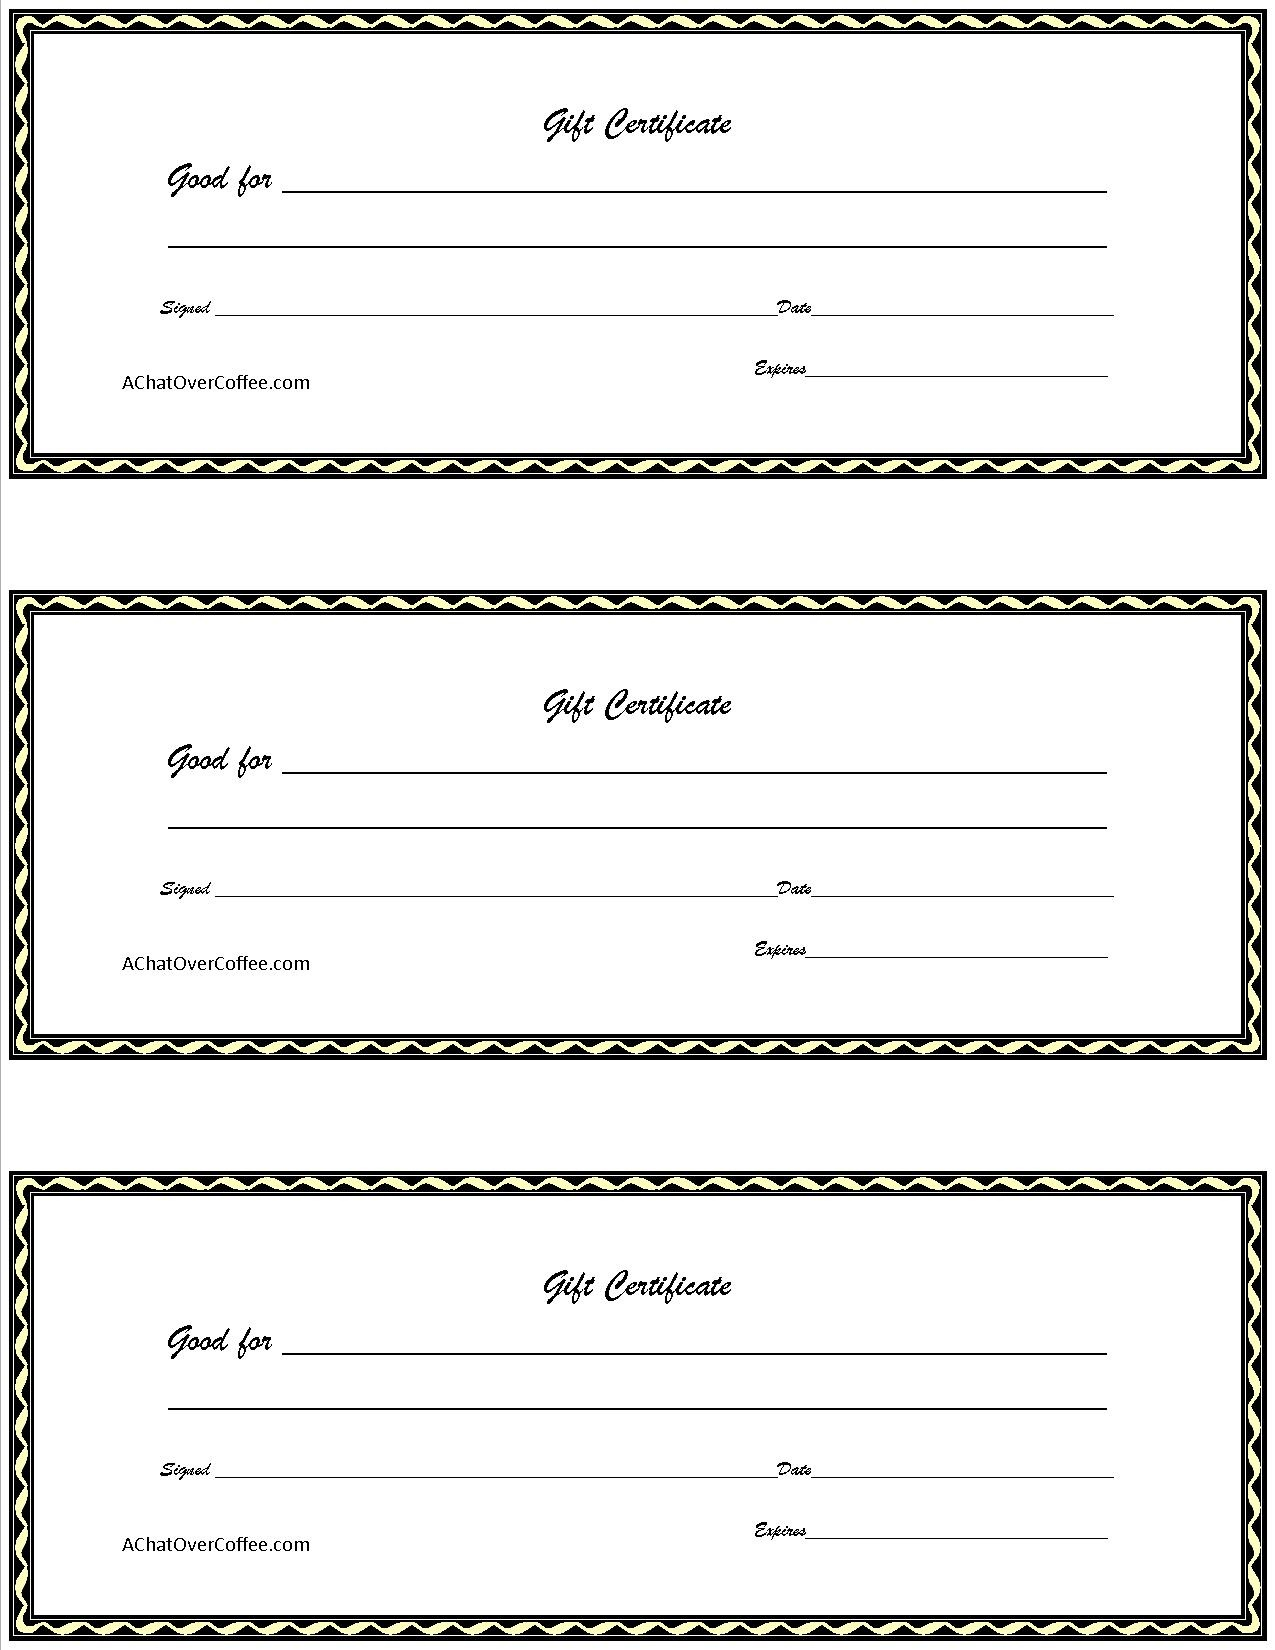 Surprising Free Printable Gift Certificates Template Ideas Christmas - Free Printable Gift Coupons